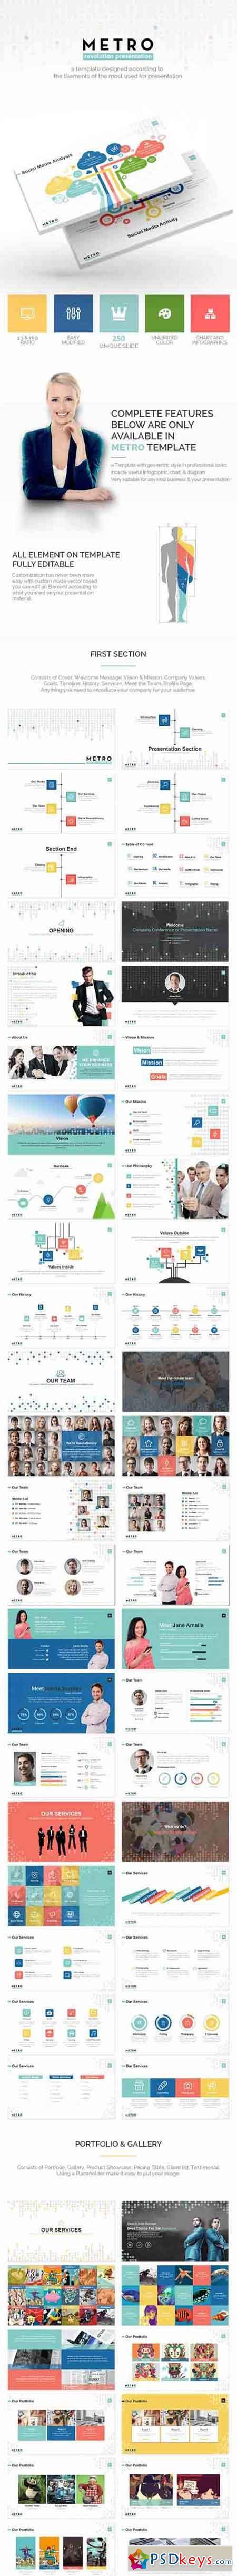 Metro V2 - Revolution Presentation 9854480